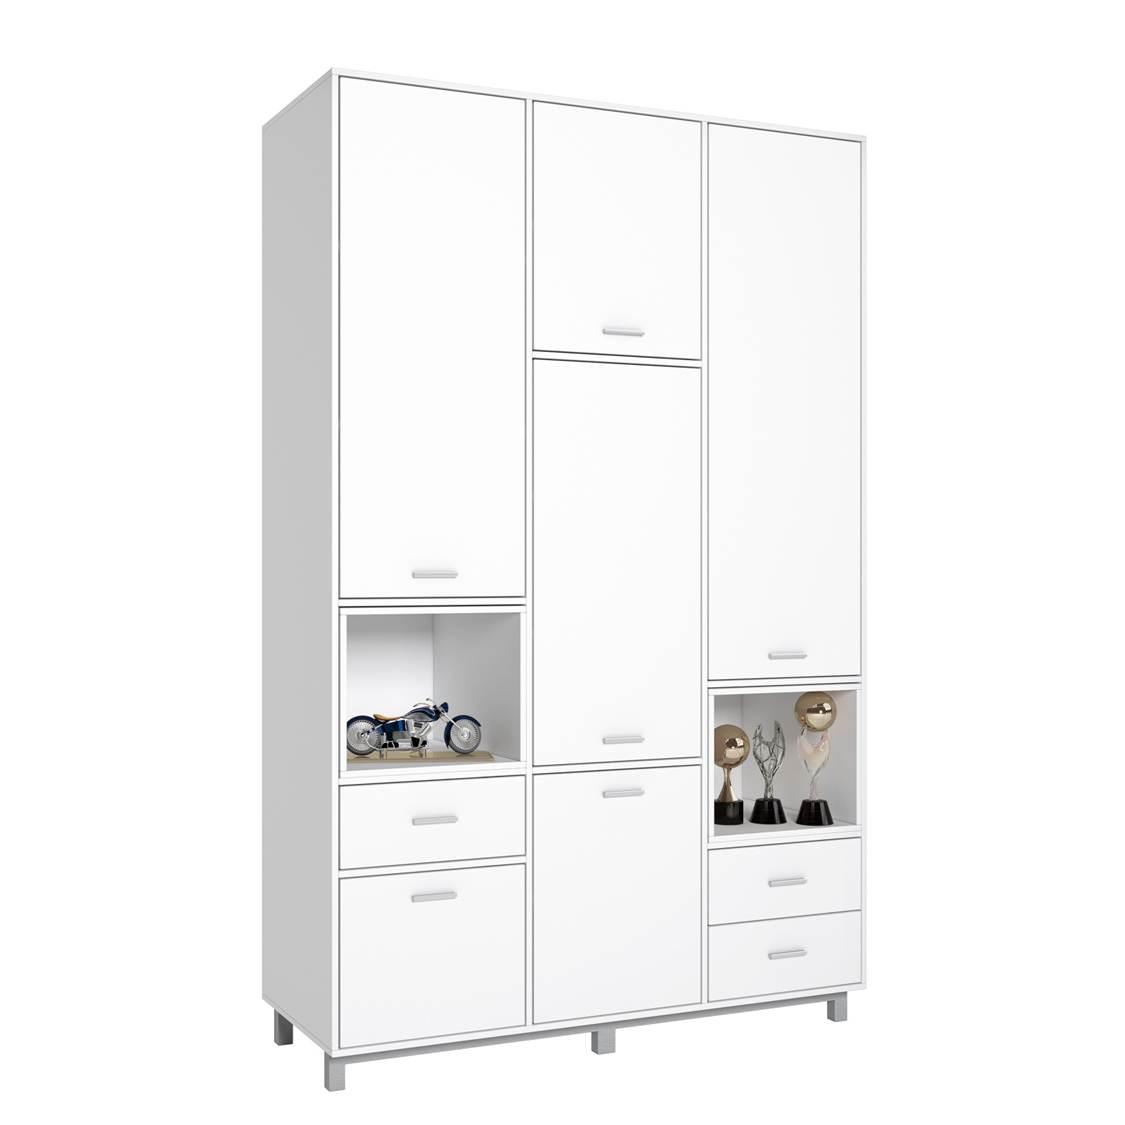 Купить Шкаф трехсекционный Polini kids Mirum 2335, белый,